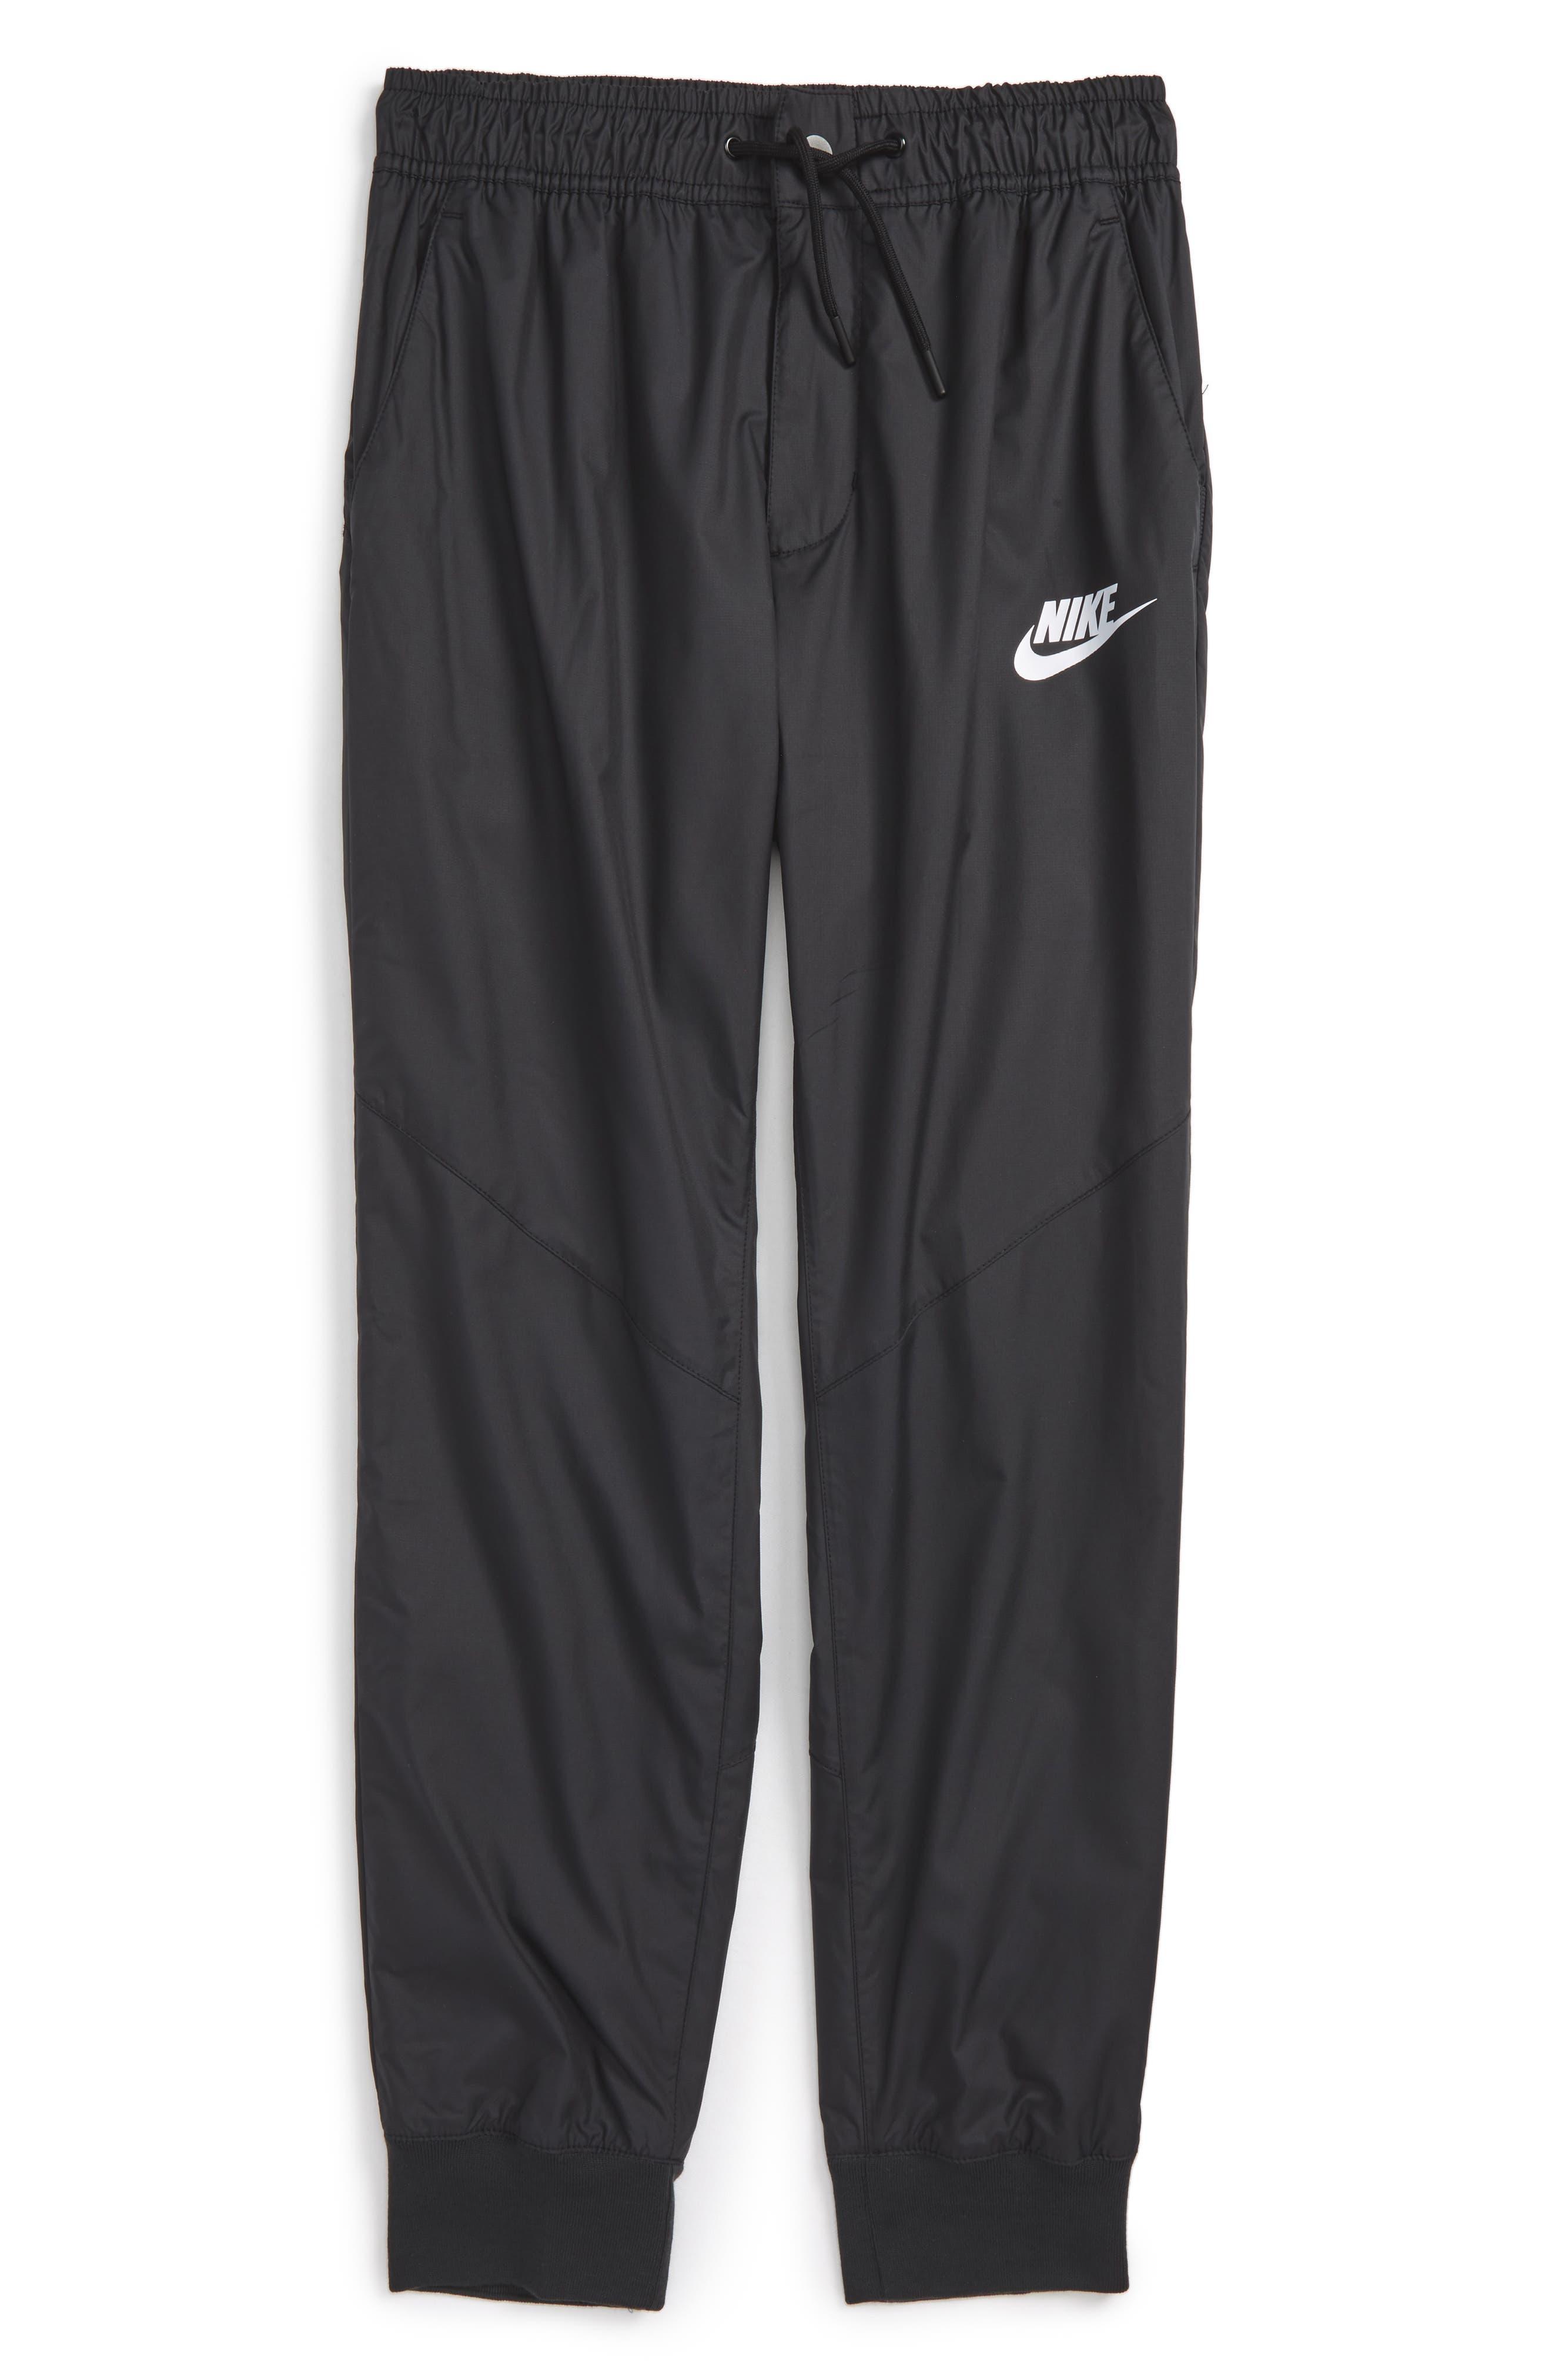 Main Image - Nike Sportswear Water Resistant Pants (Little Boys & Big Boys)